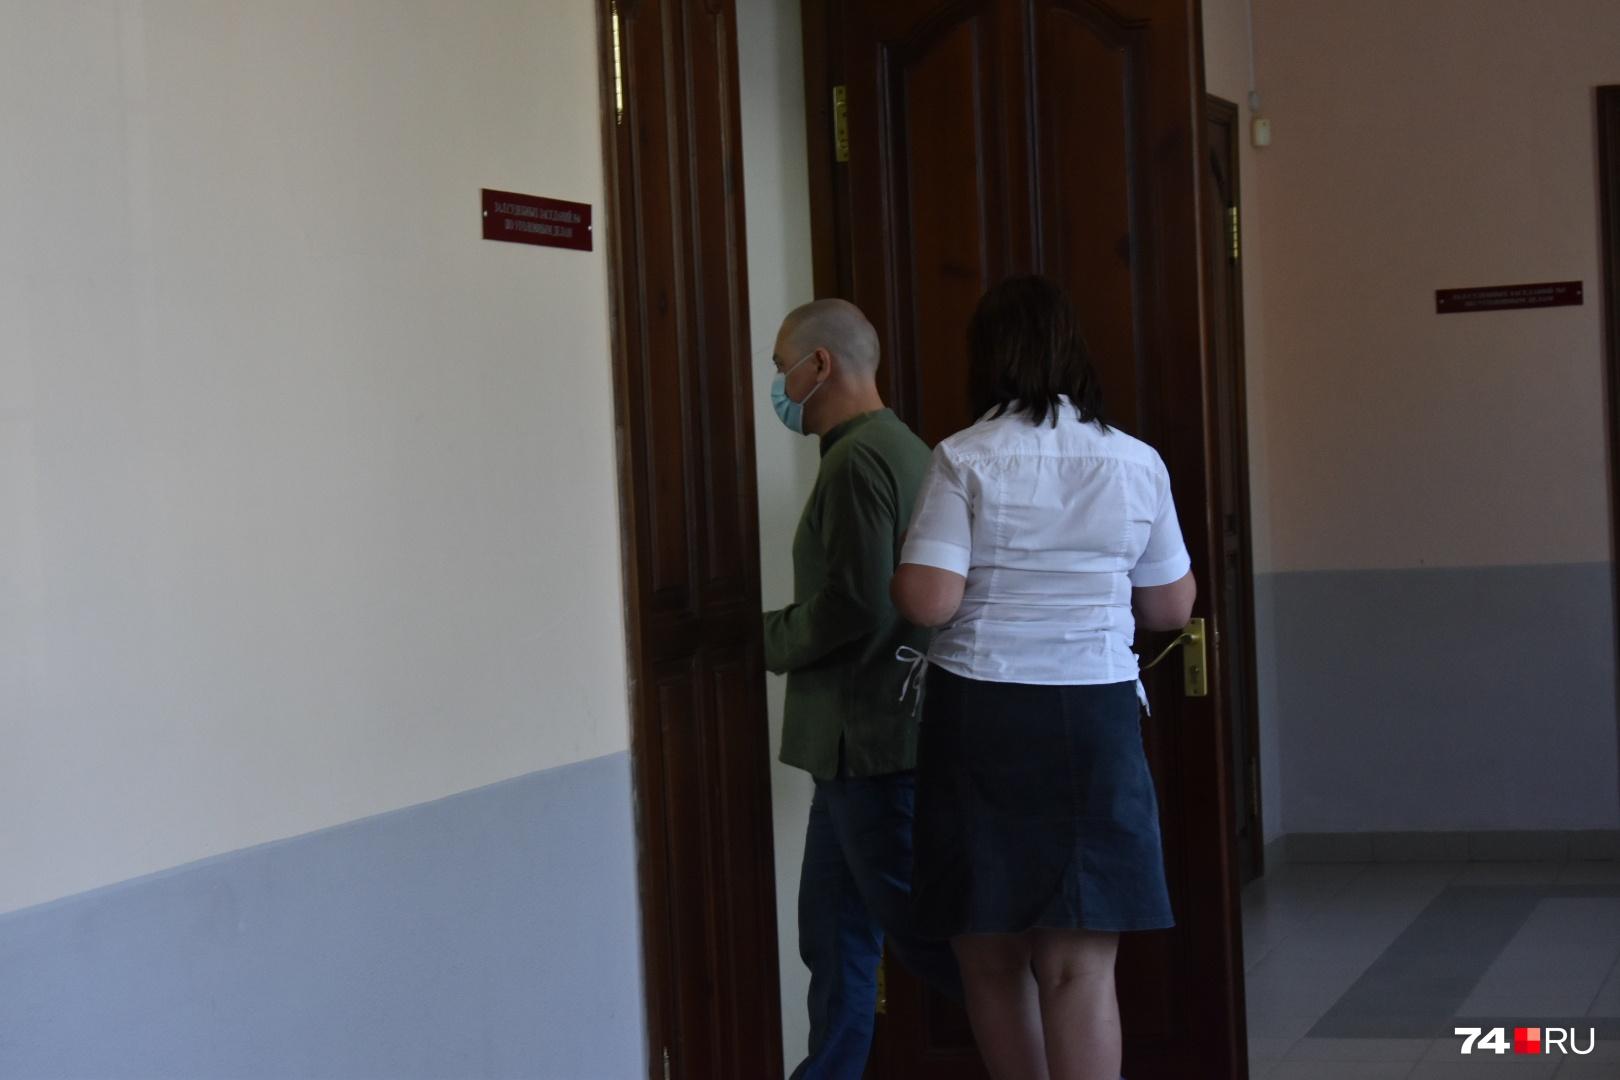 Запись видеорегистратора в машине Руслана стала одним из основных доказательств в материалах уголовного дела